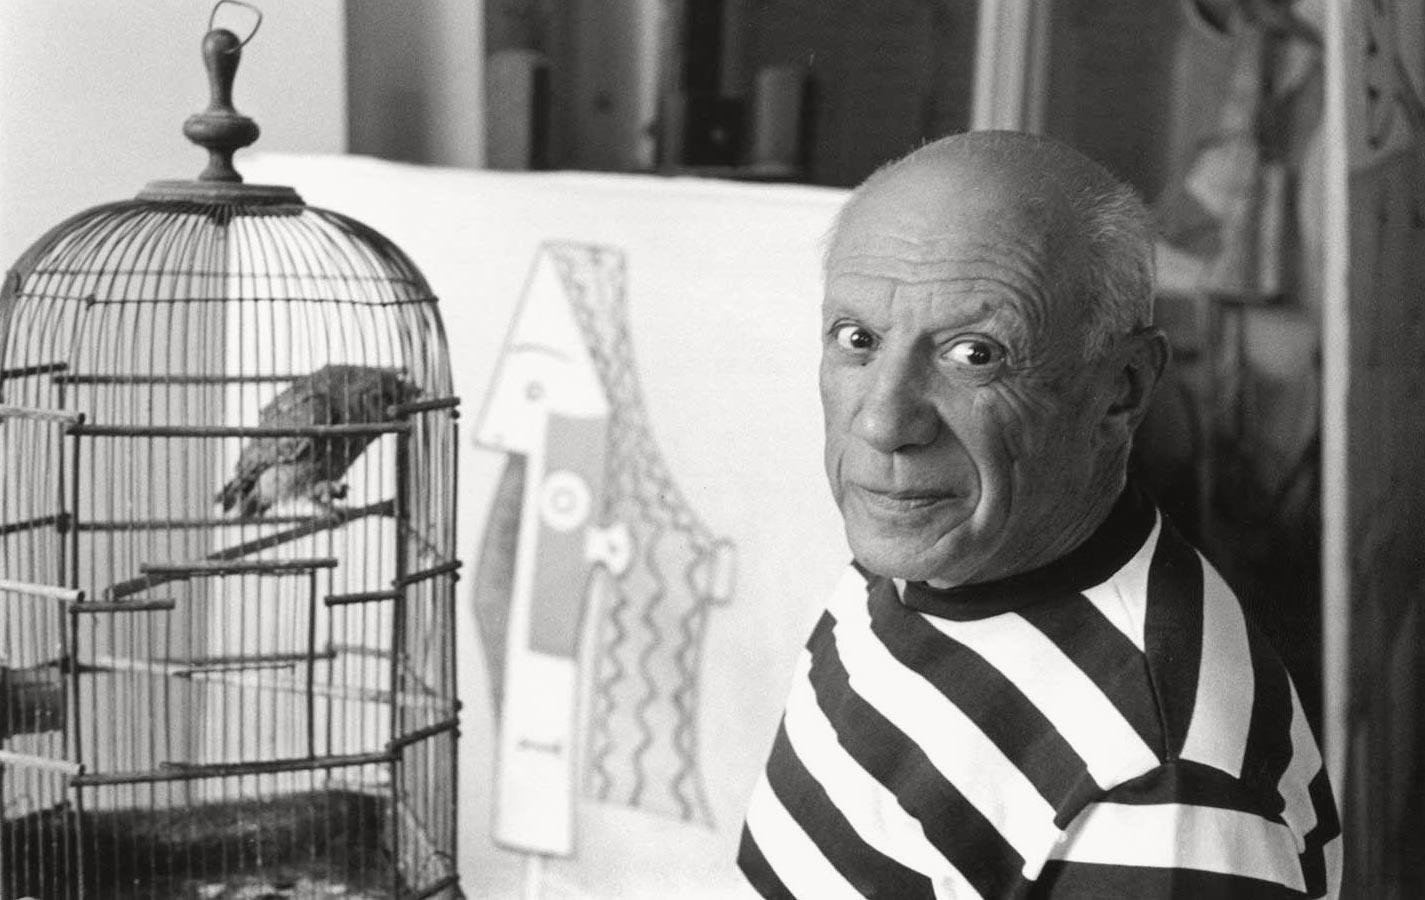 The Picasso' Gaze